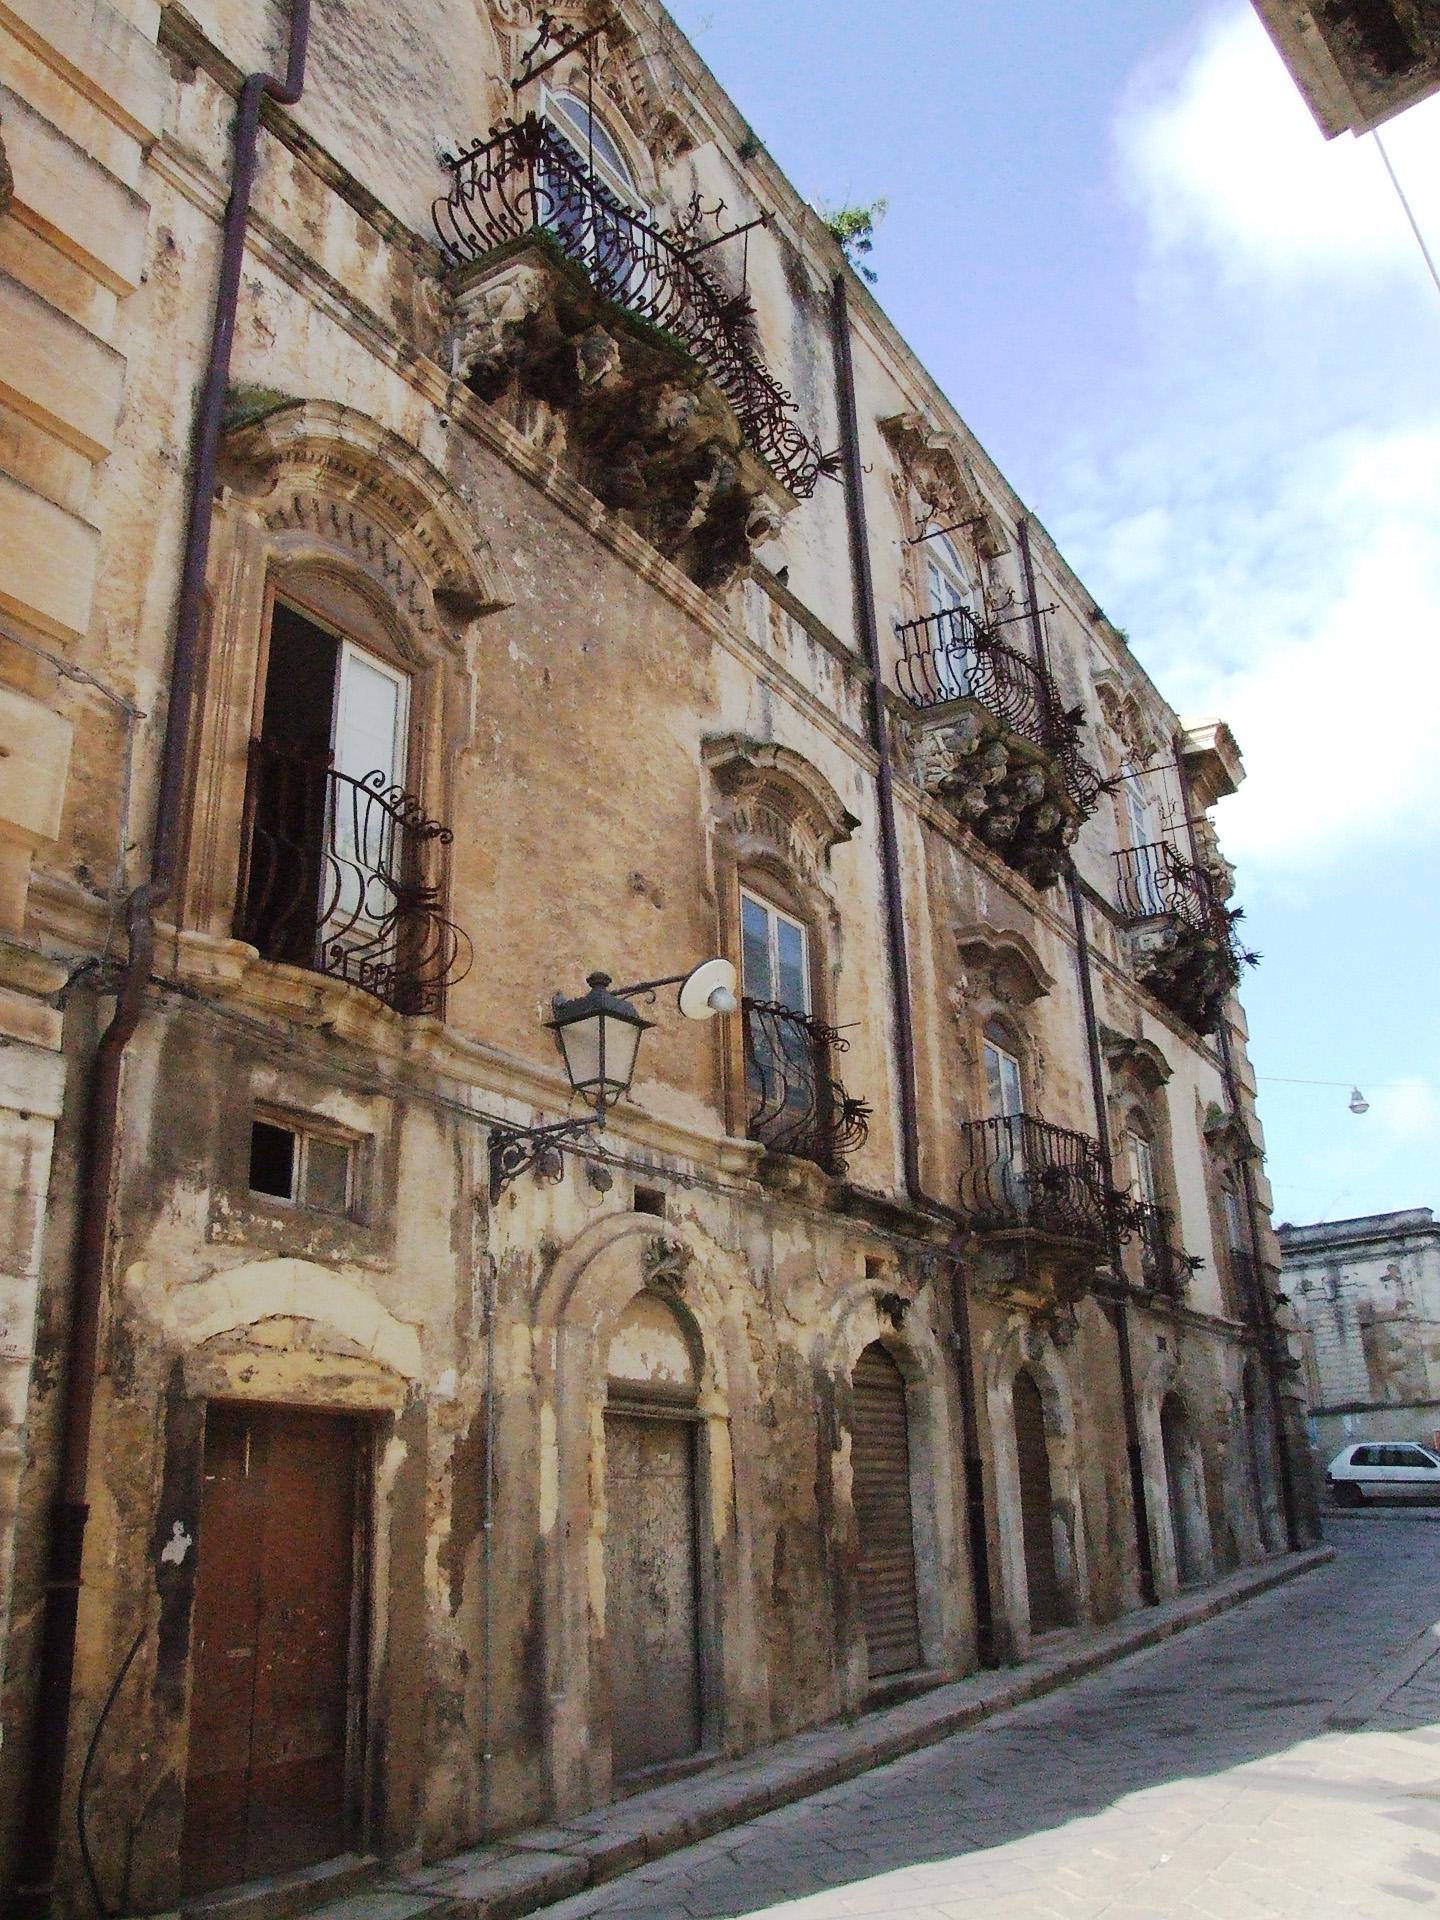 Palazzo cosentini sicilyforall sicilyforall for Palazzo a due piani